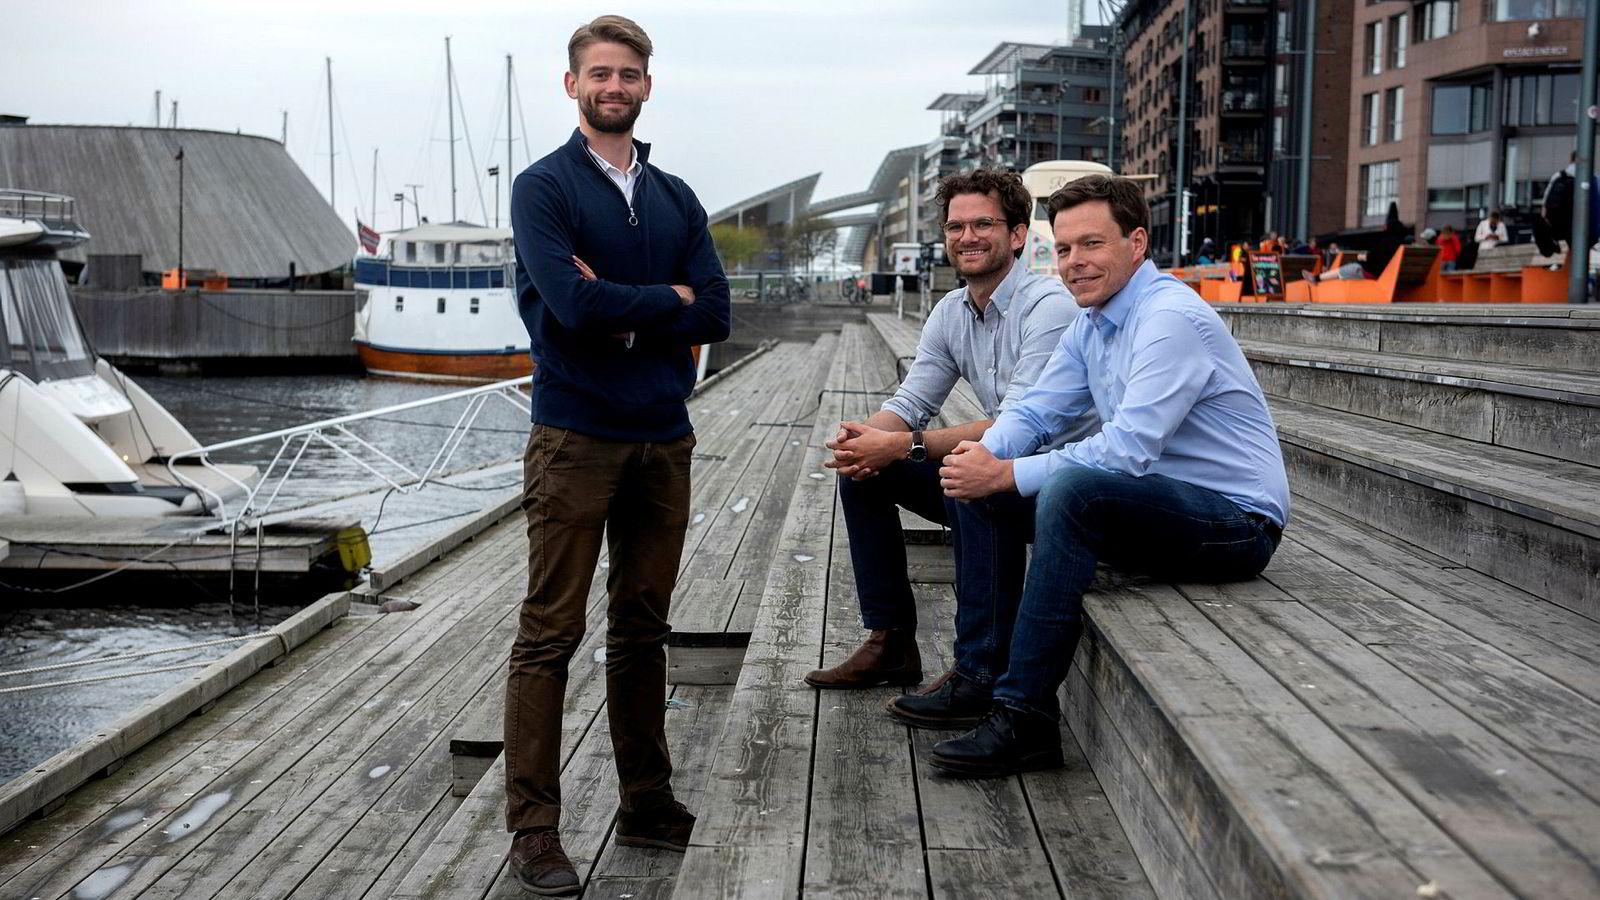 Digitalkonsulentene i Proletar holder til på Aker Brygge. Fra venstre: Rune Syverud Sandåker (partner), Magnus Wrangell Ruud (partner) og Geirr Lødemel Tvedt (partner og daglig leder).